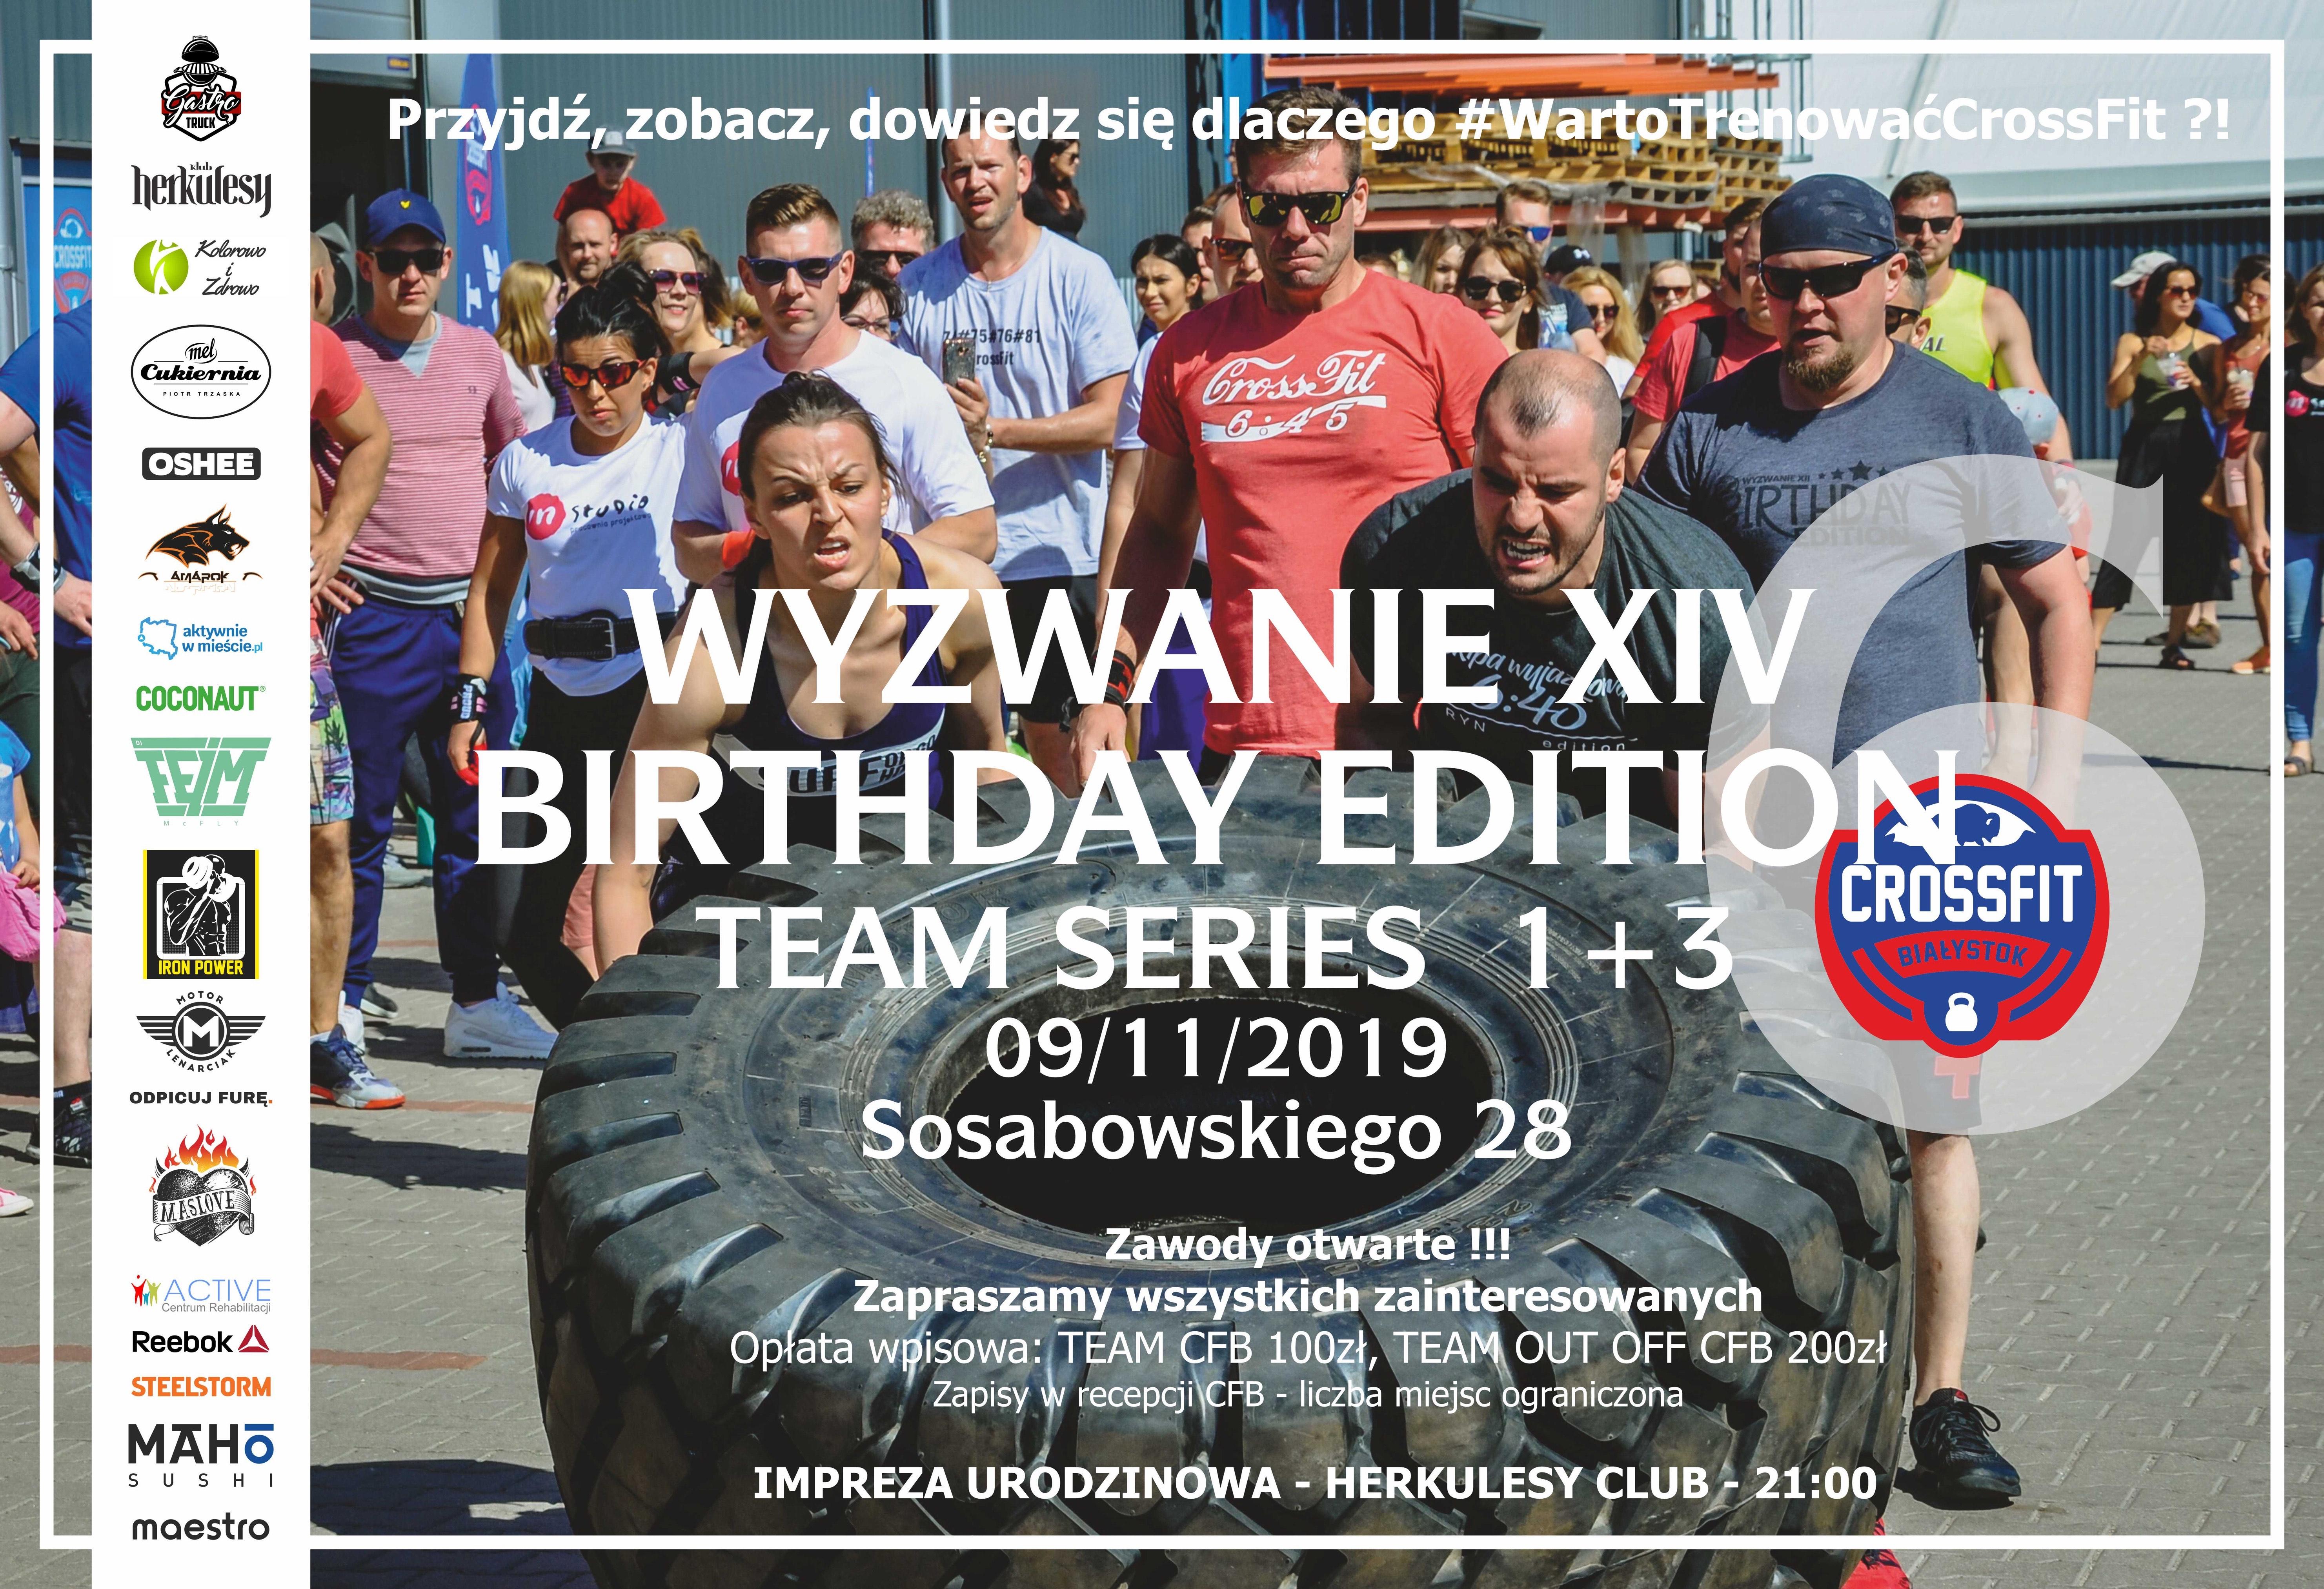 szóste urodziny CrossFit Białystok - wyzwanie XIV